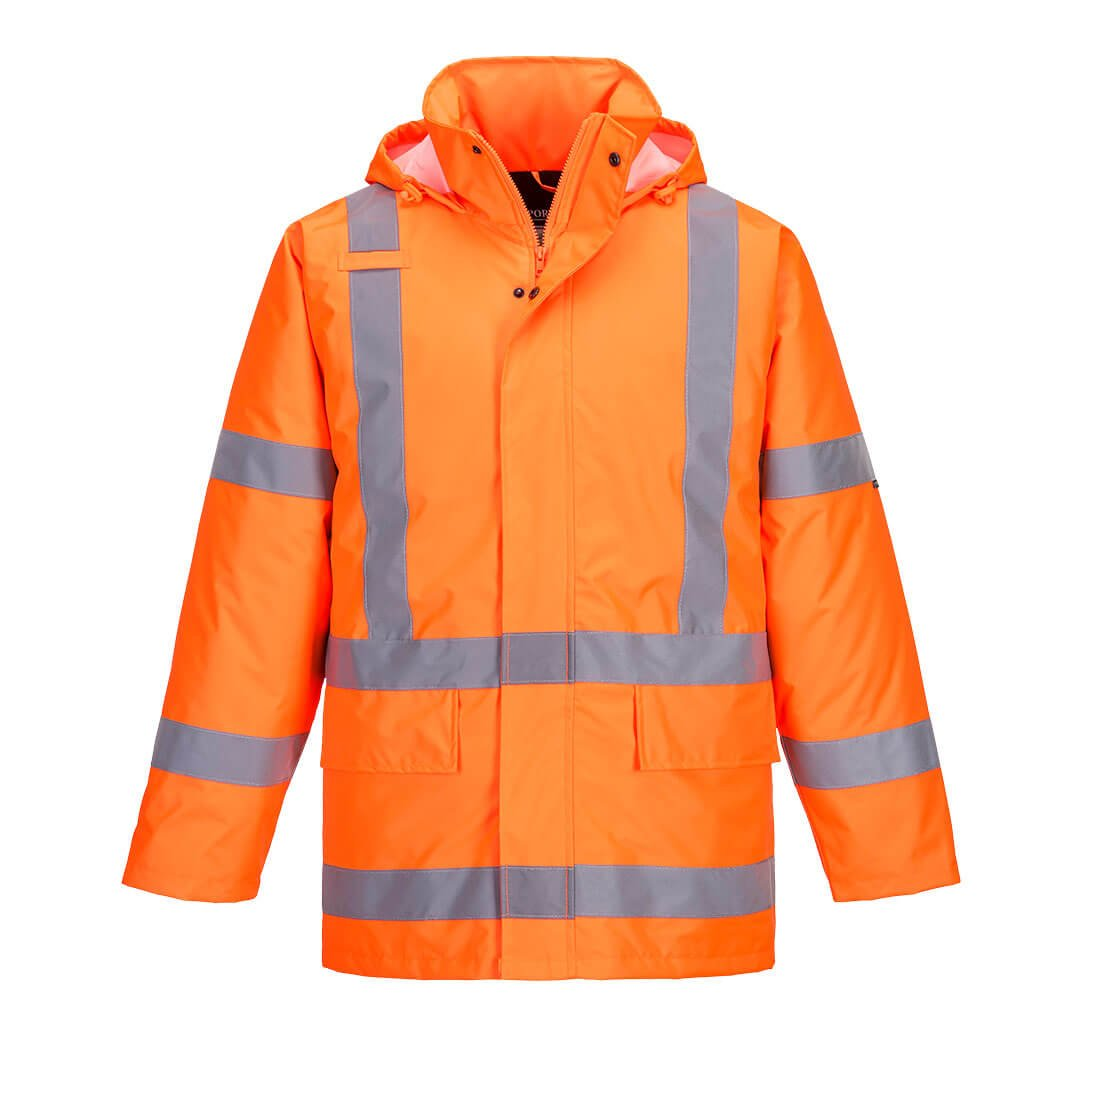 TTMC-W17 X-Back Winter Jacket